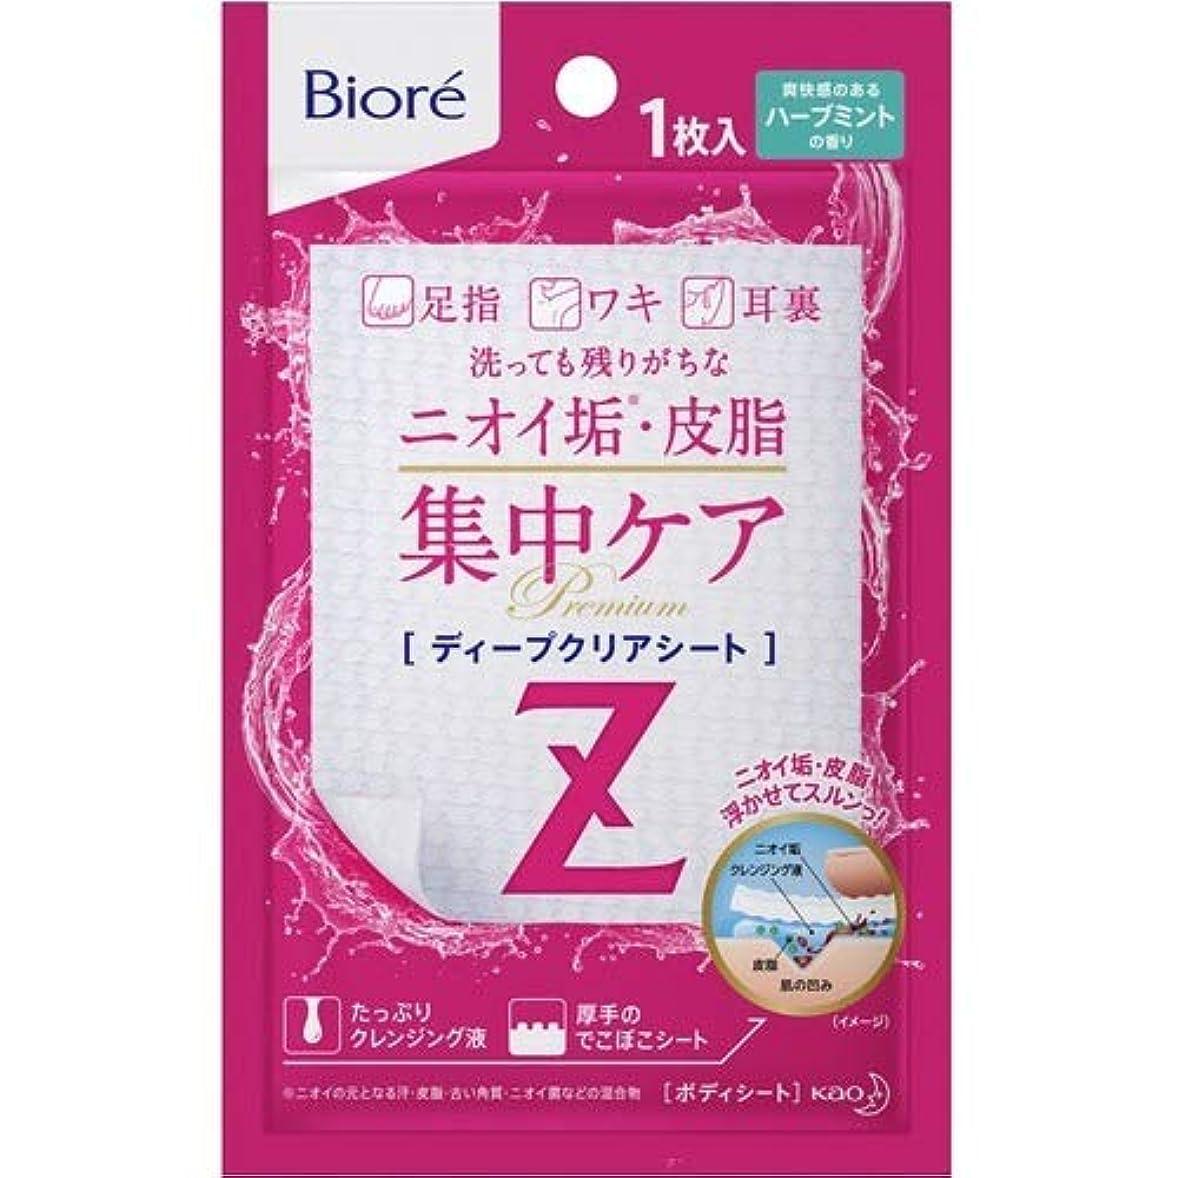 リズミカルなスクラップブック北米ビオレZディープクリアシートハーブミント1枚バラ